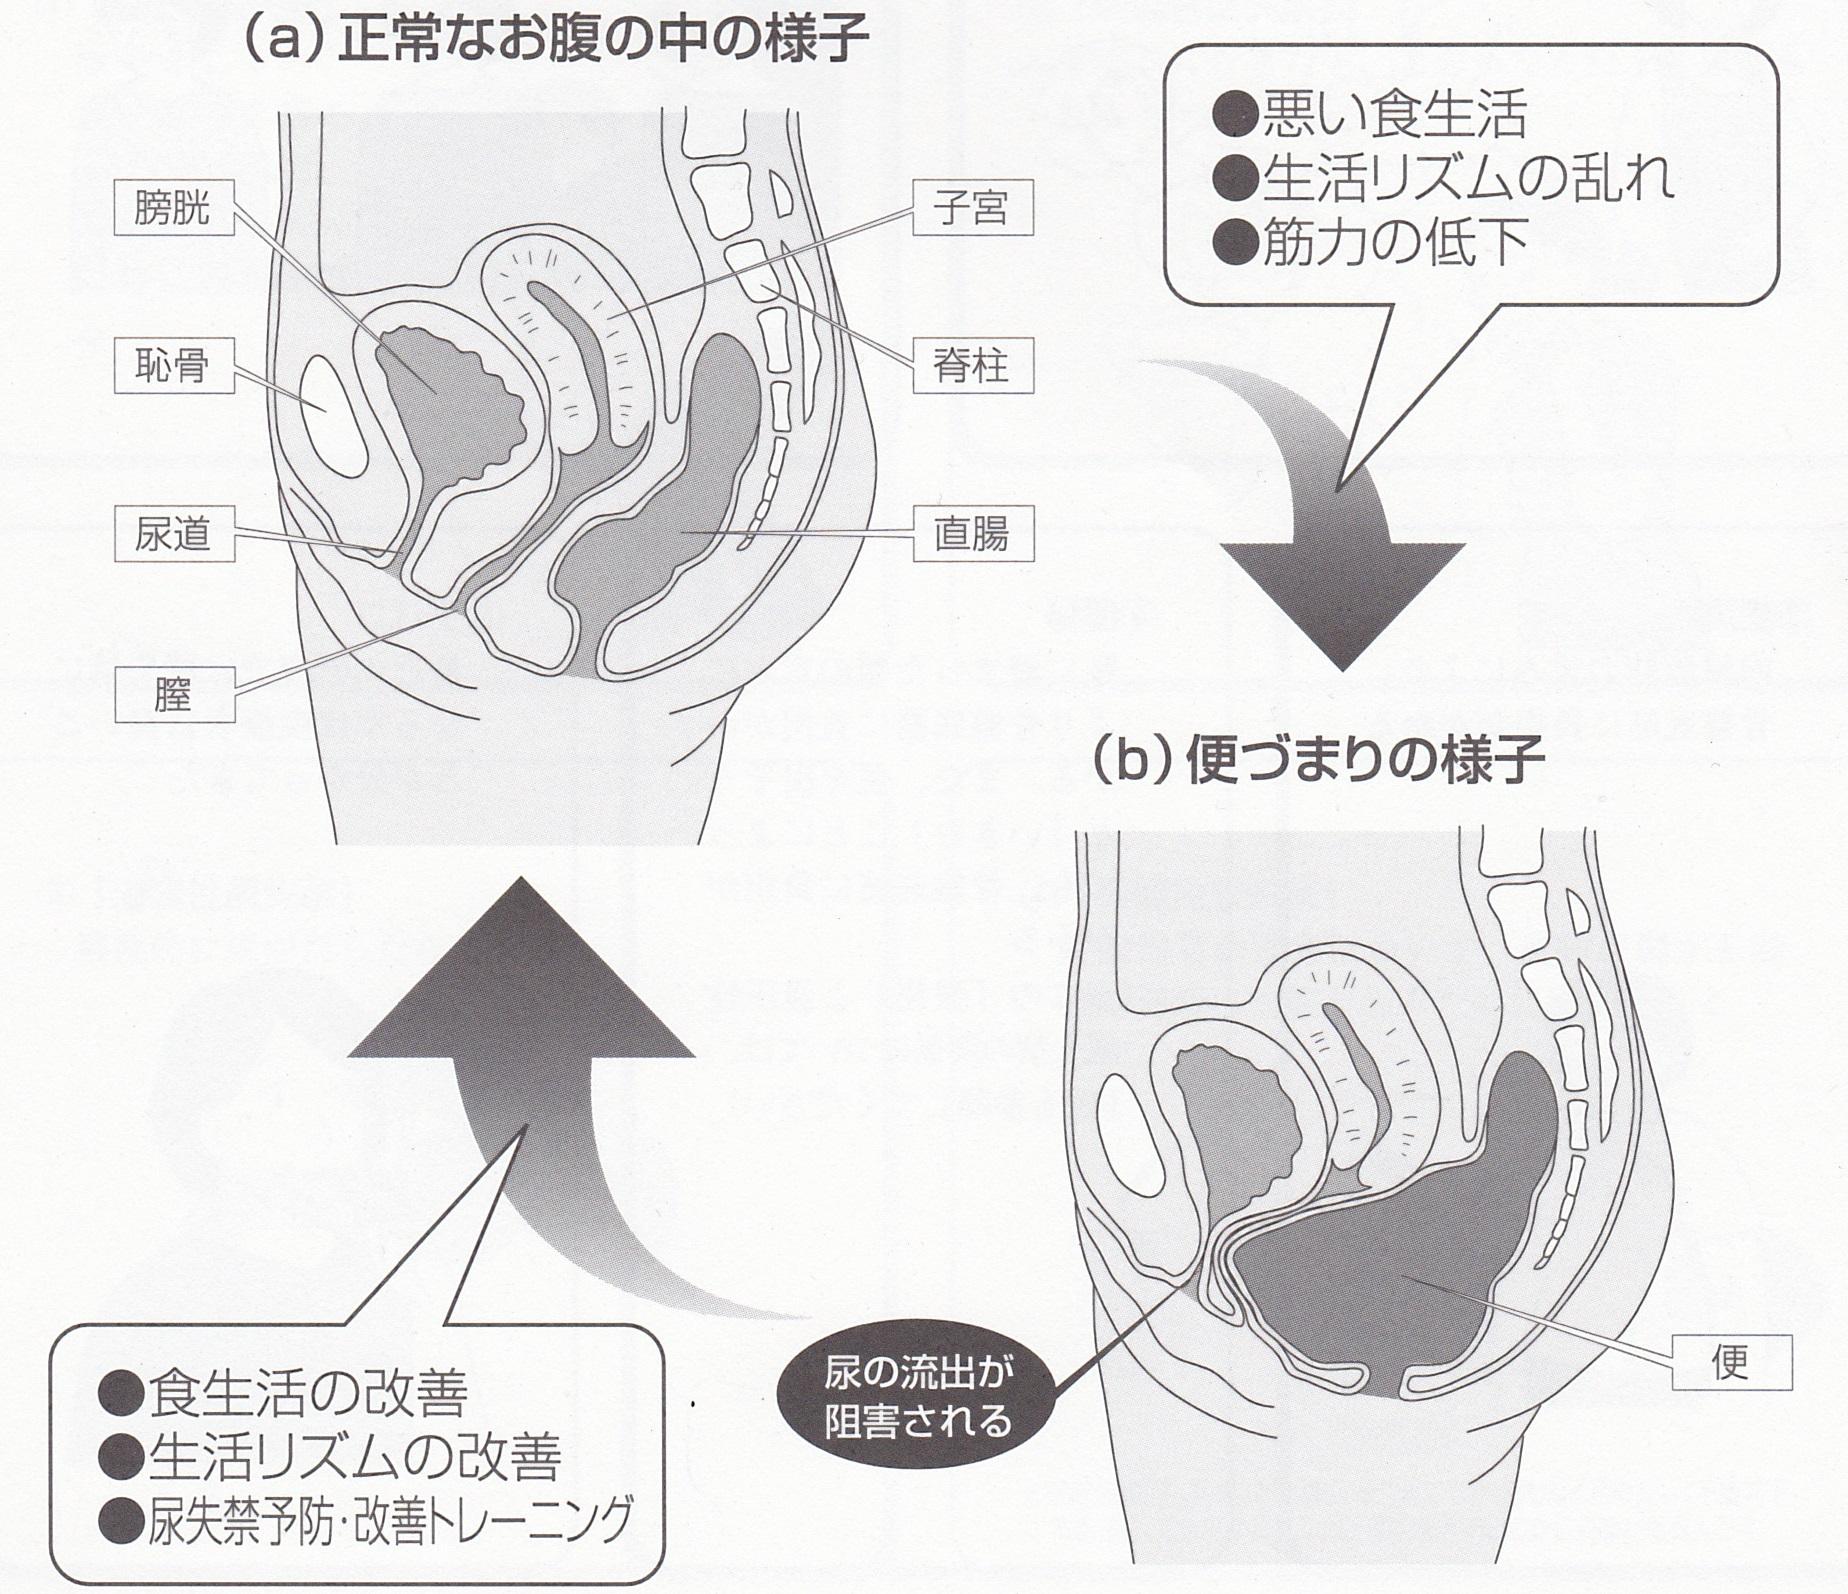 尿モレ 尿失禁 リハビリ治療体操 便秘